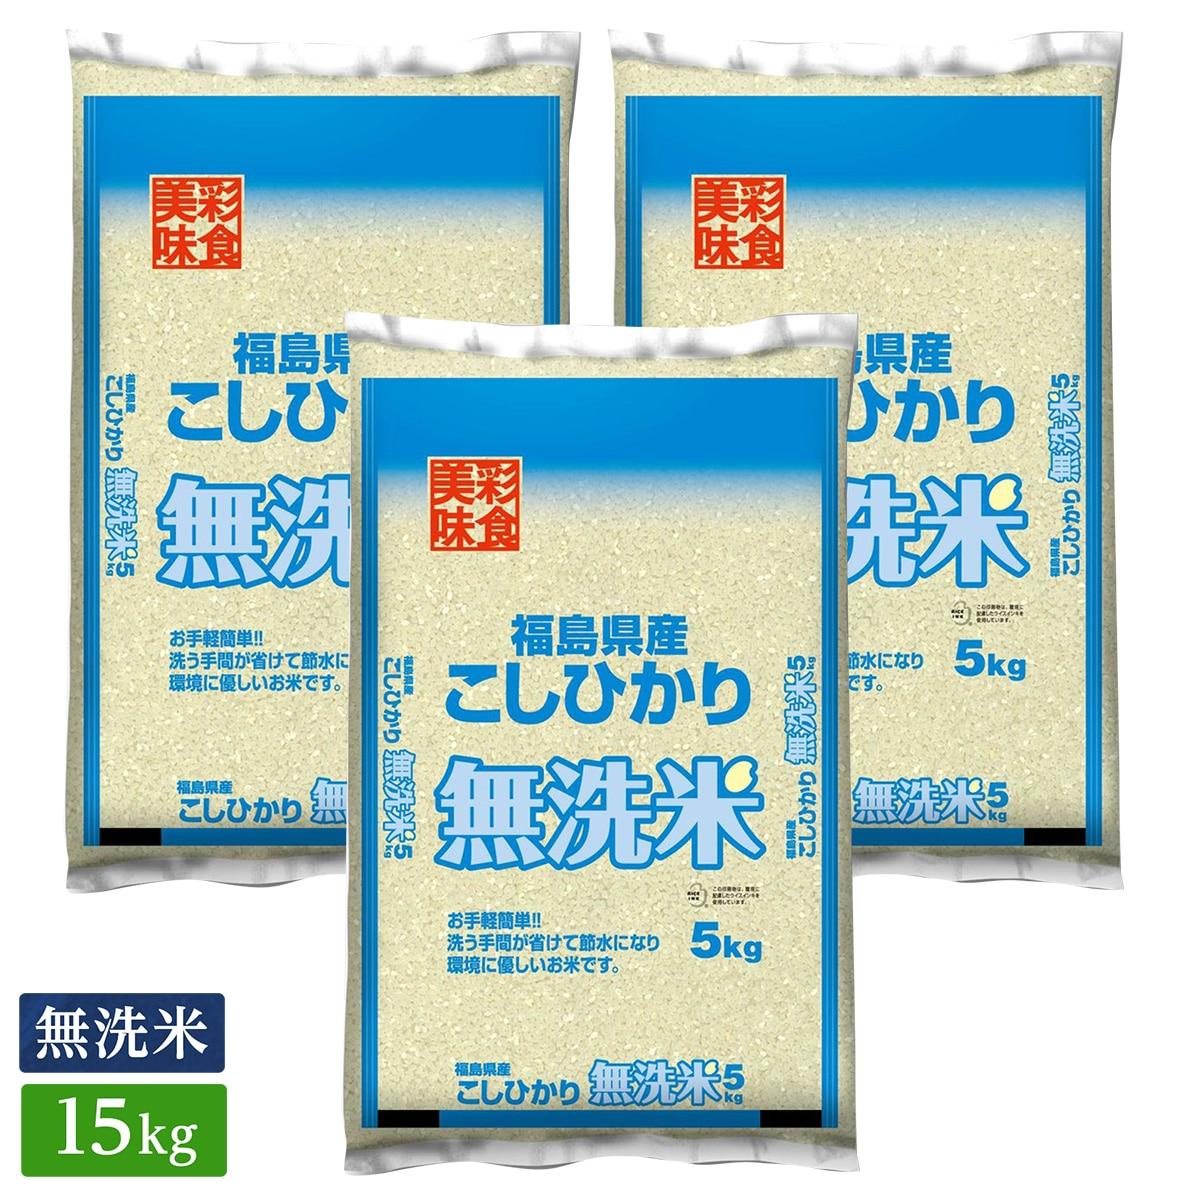 【送料無料】■◇新米 無洗米 令和3年産 福島県産 コシヒカリ 15kg(5kg×3袋)